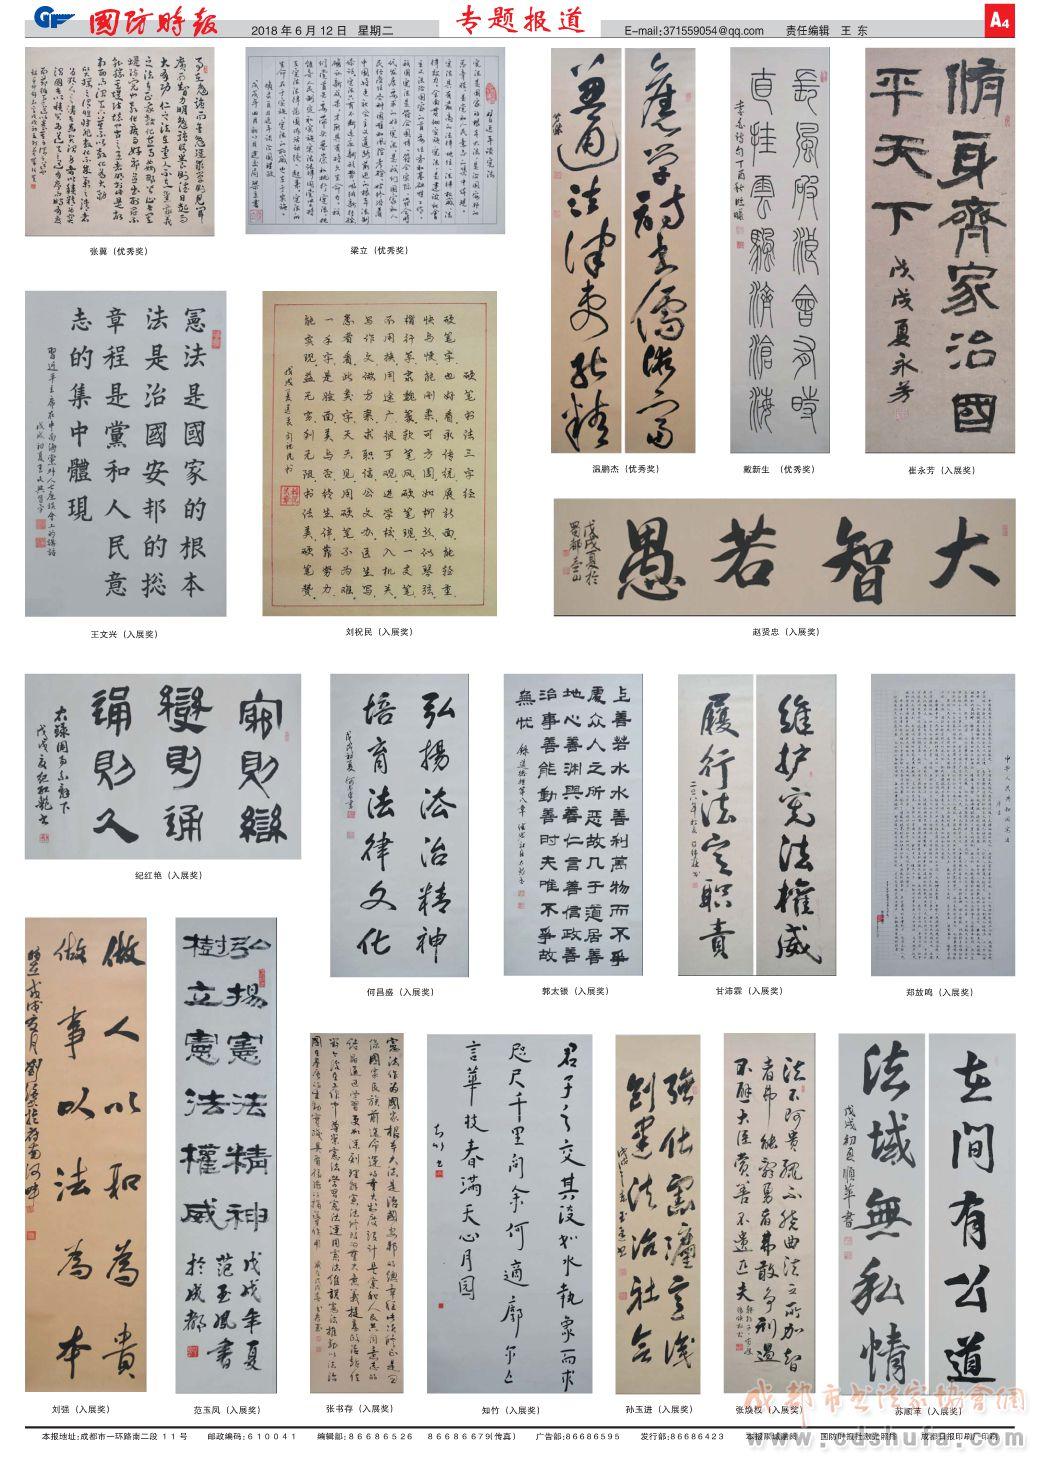 《国防时报》专刊报道锦江区书协活动